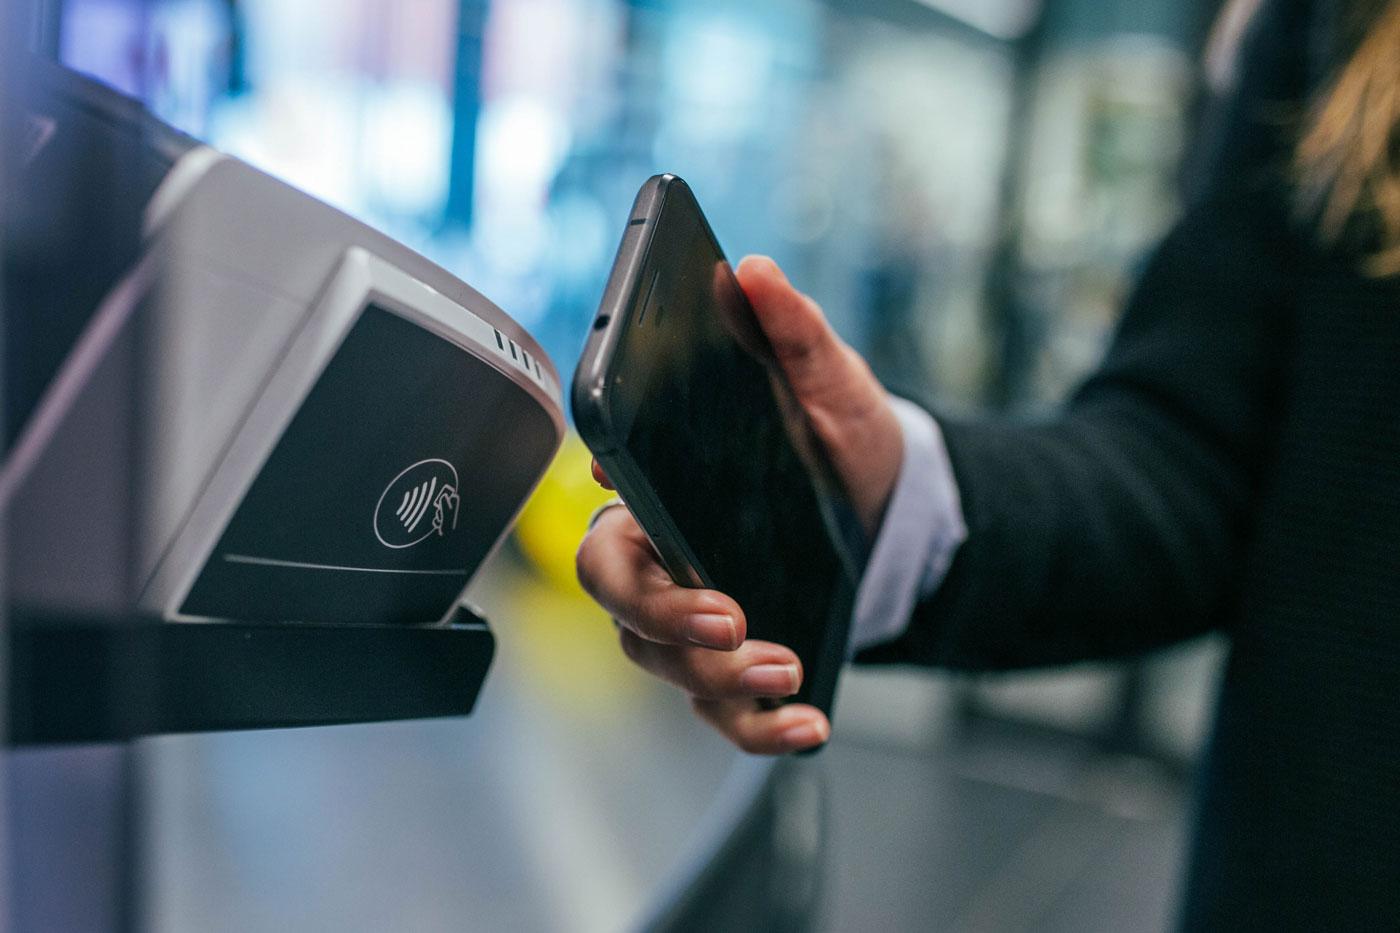 🧾 PryvatBank ne drukuvatyme čeky u POS-terminalah — ce zekonomyť 24 miľjony na rik